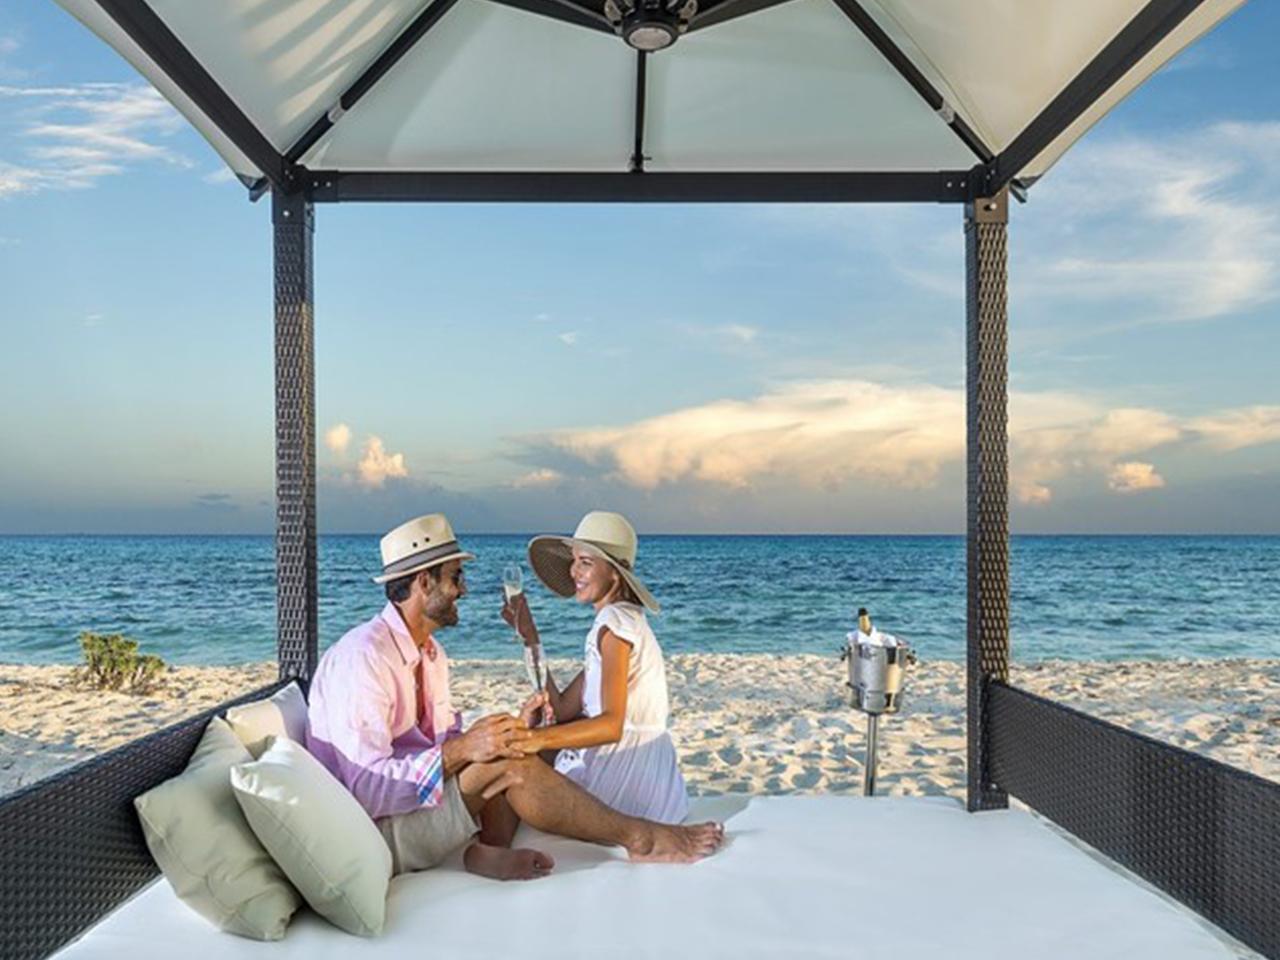 wedding Planner en Monterrey, Boda en la playa, Las mejores bodas en la playa en México - Paquete 1: Amor-Amor